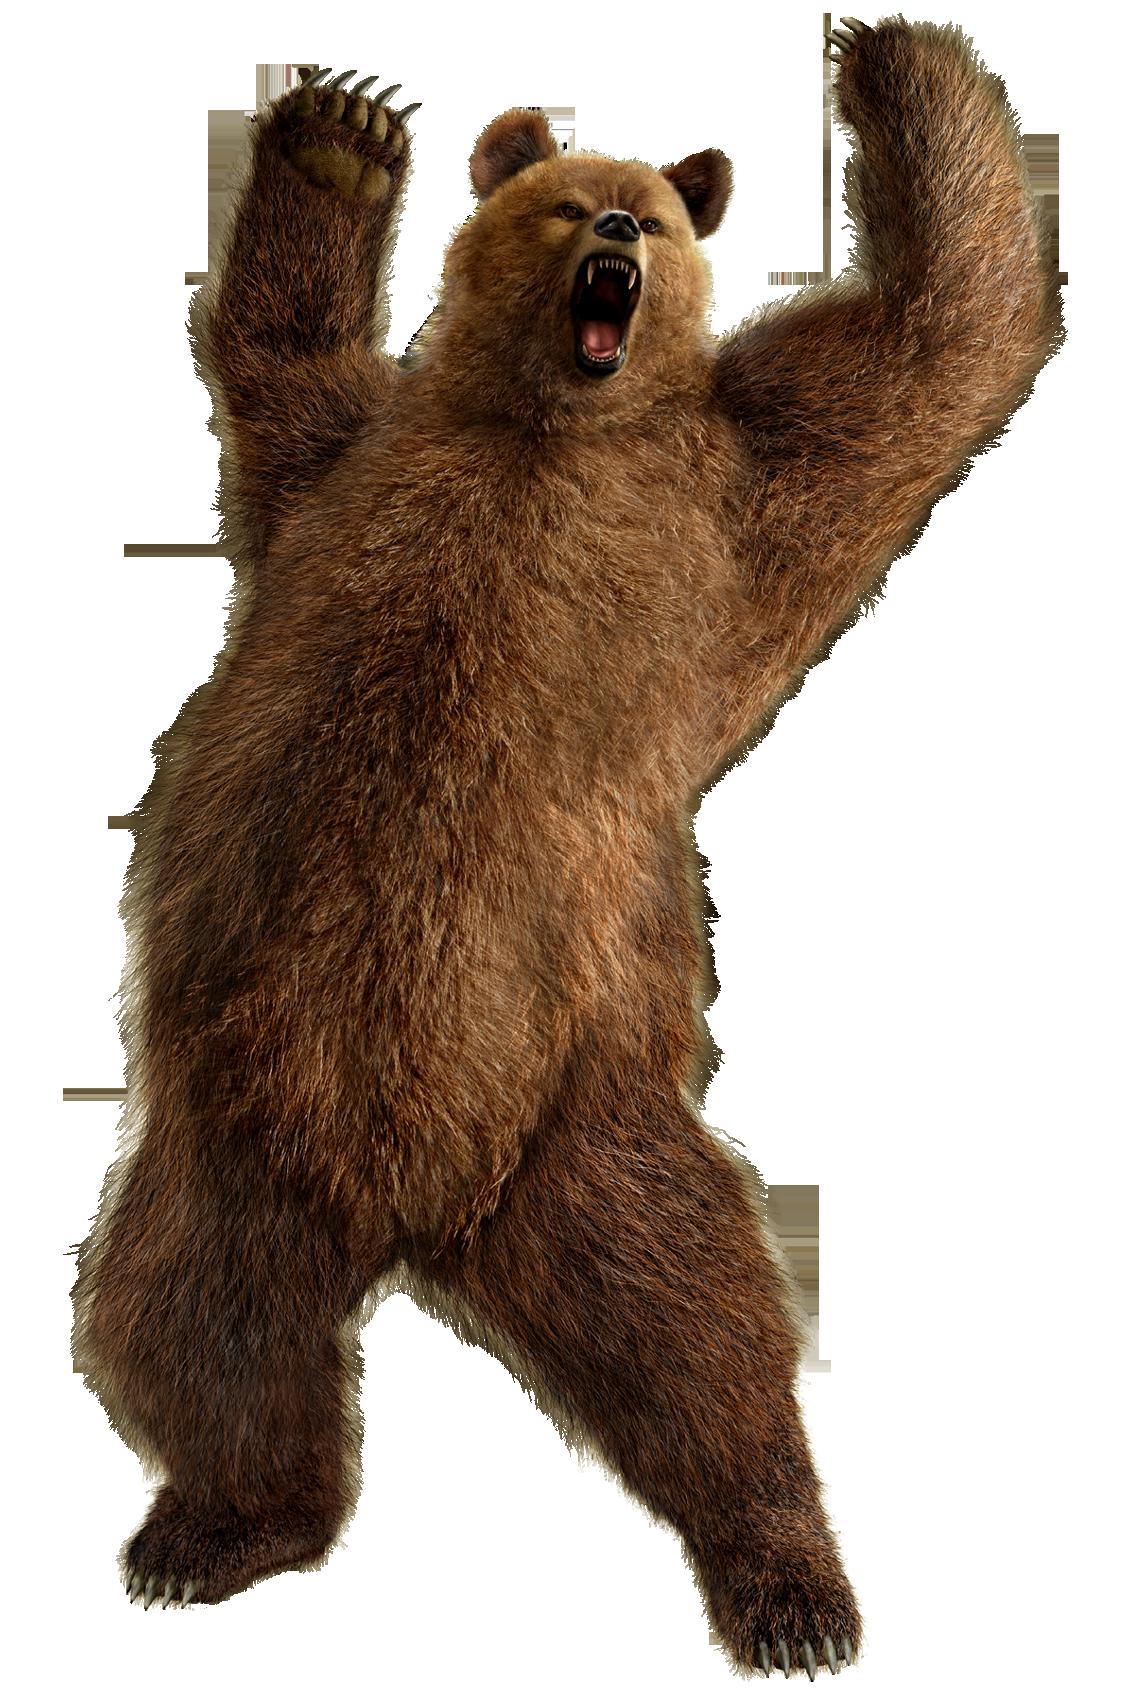 Bear Png 3 PNG Image - Bear PNG